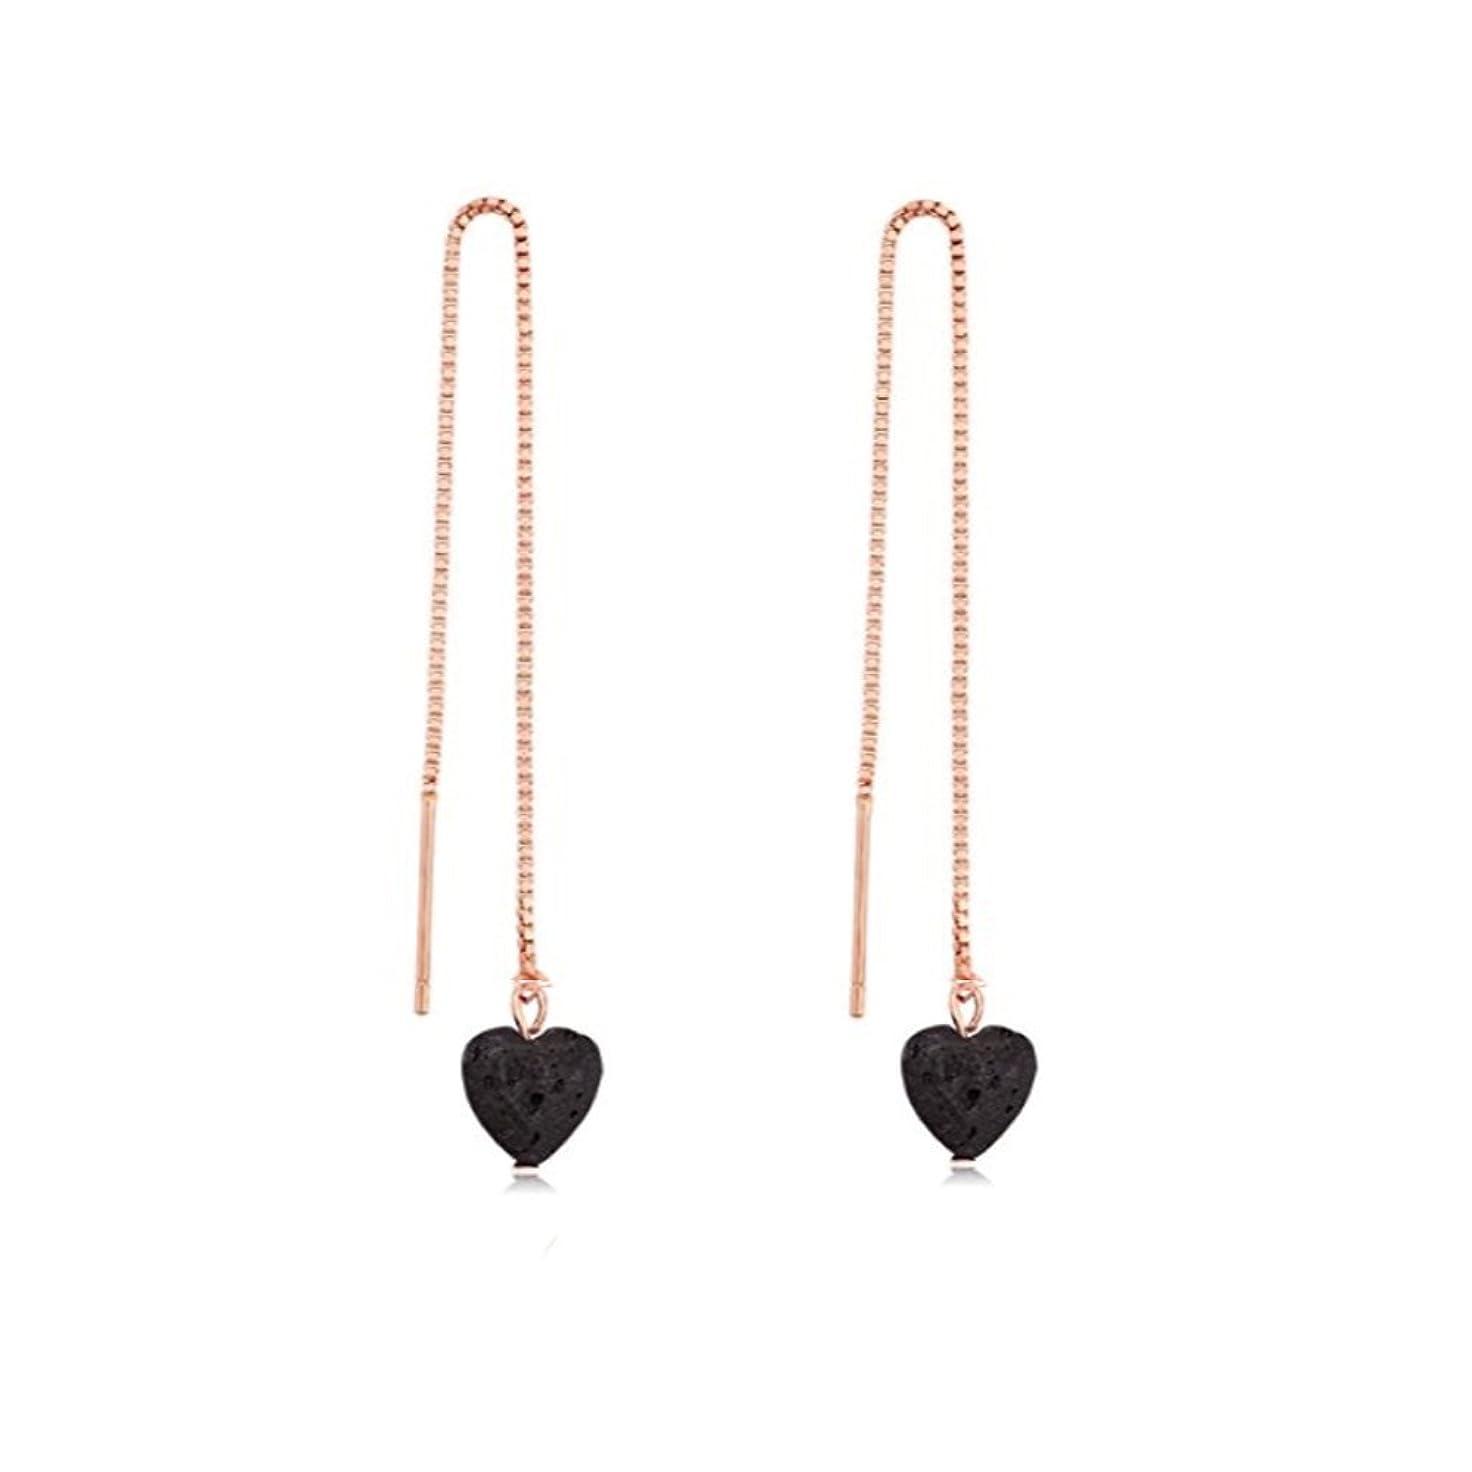 立ち寄る線ストリームmanzhen Small Heart Shape Lava Stone ThreaderイヤリングEssential Oil Diffuserイヤリング